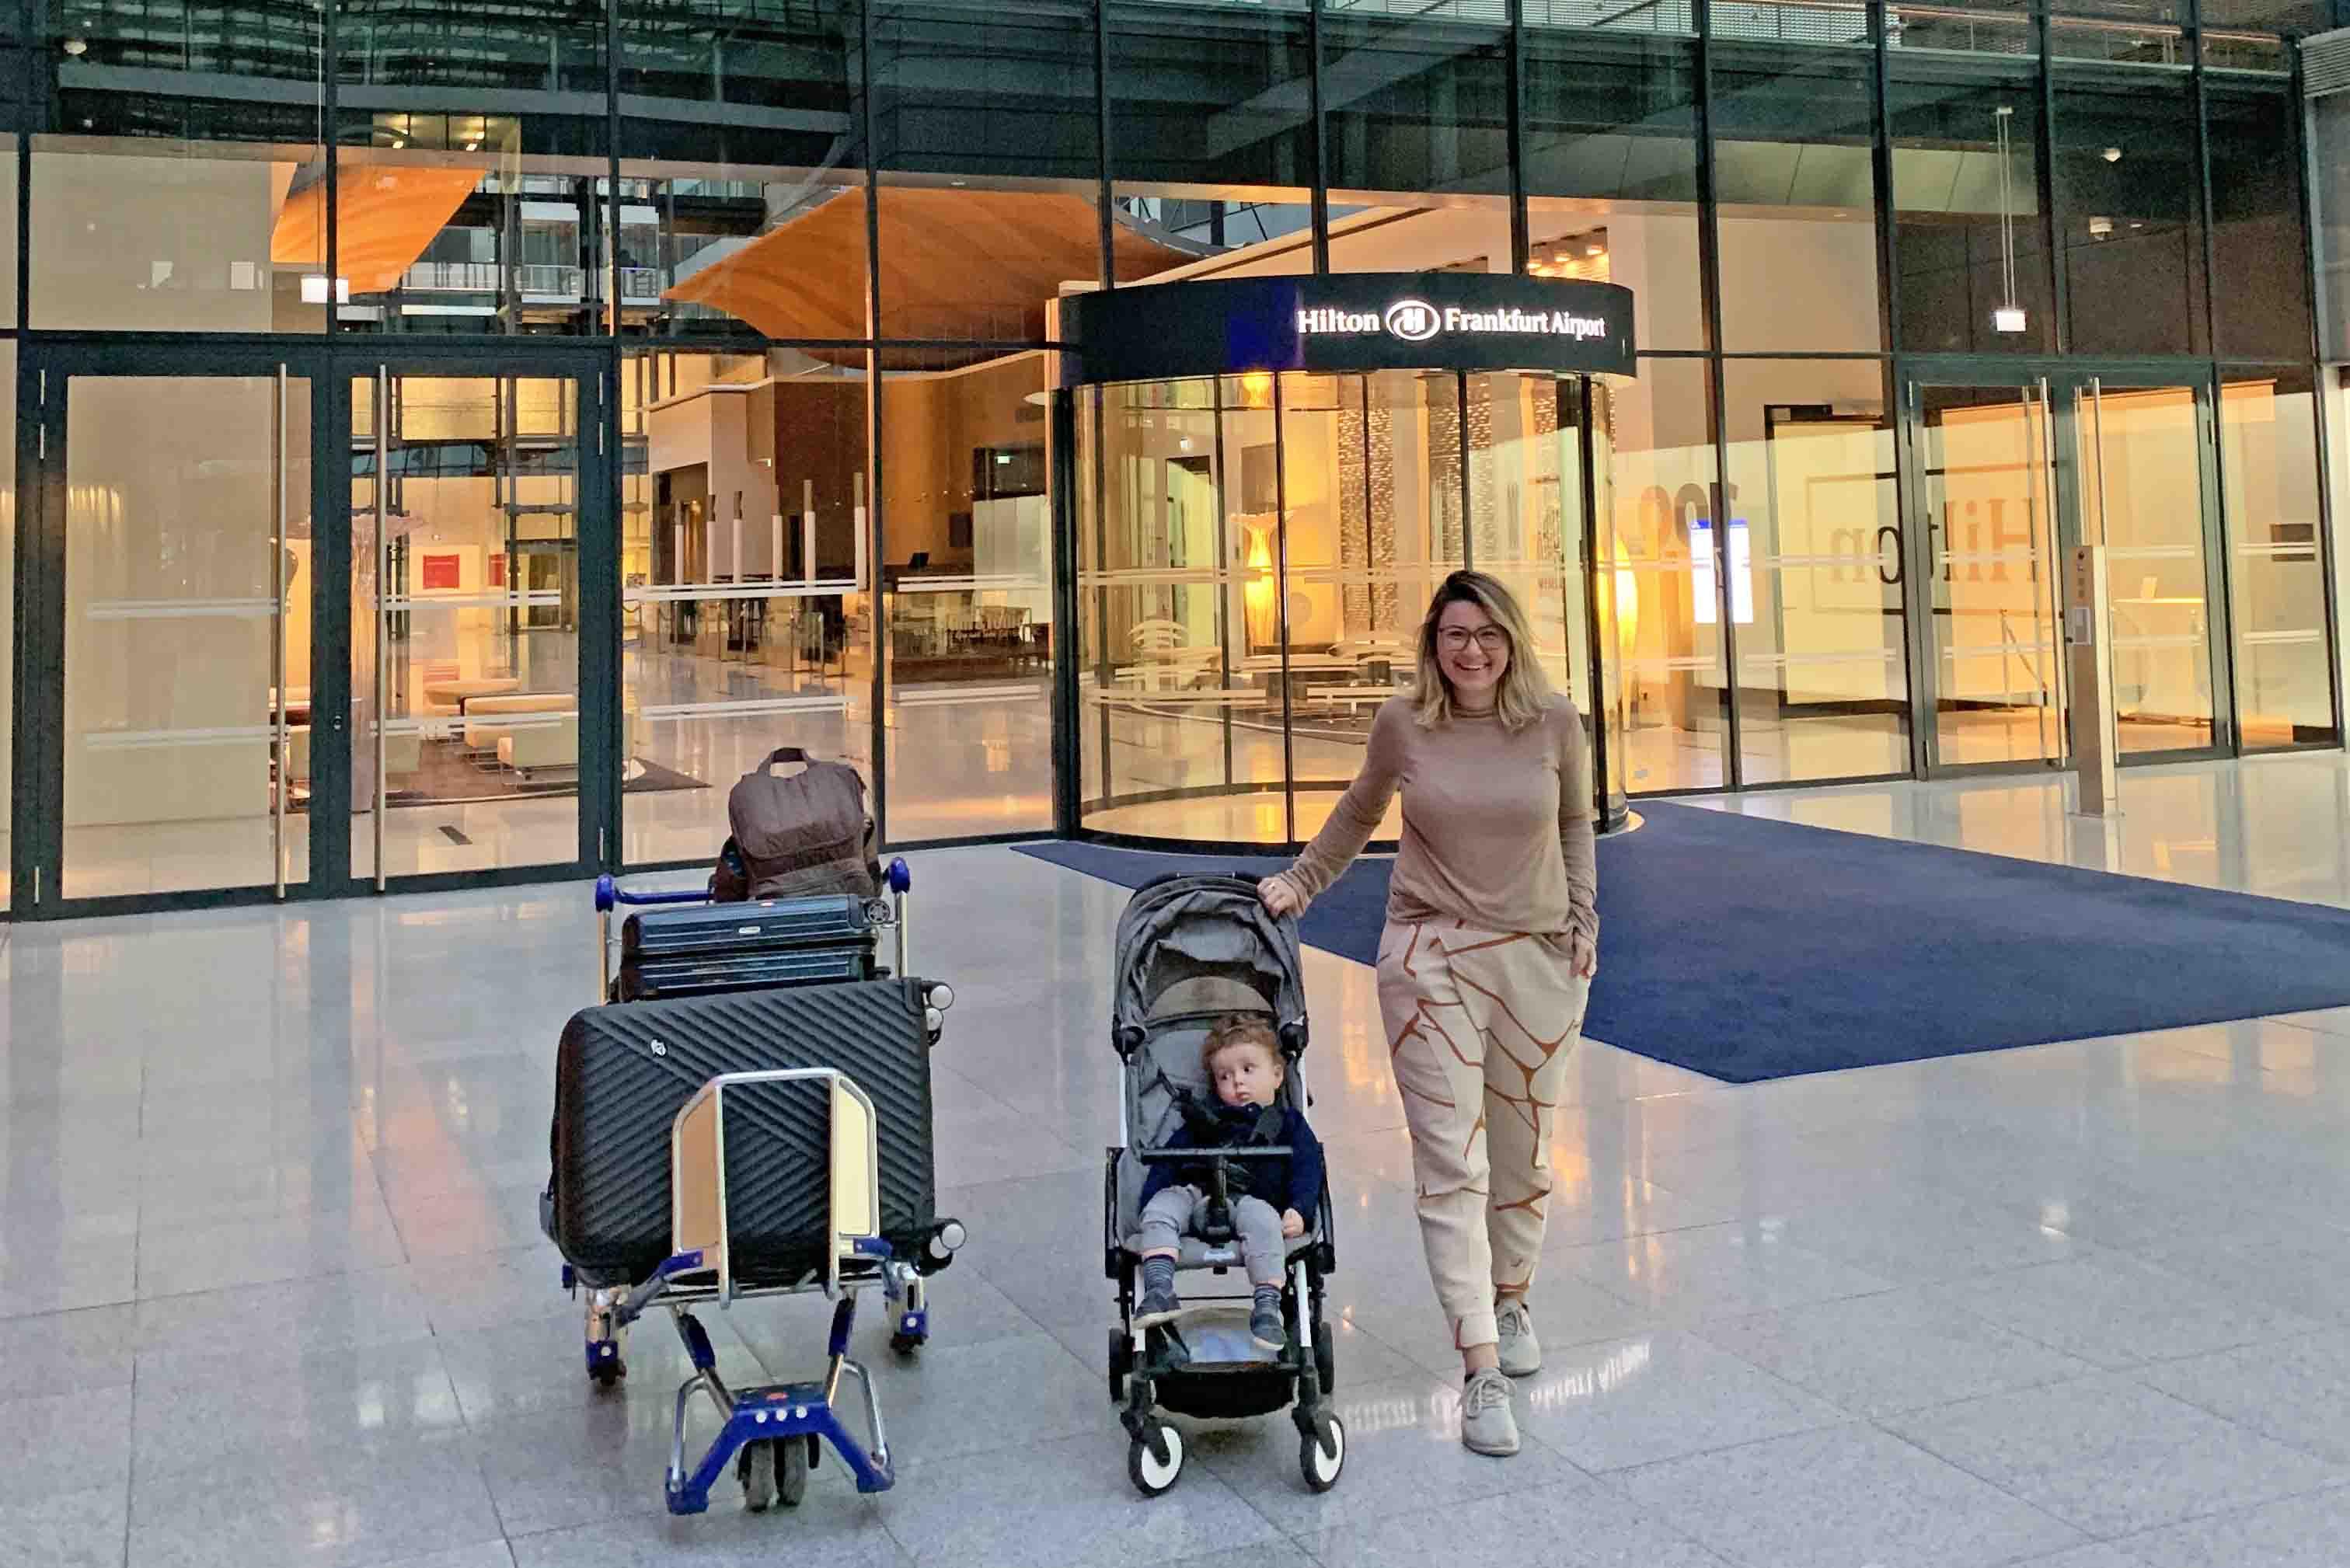 HOTEL AEROPORTO FRANKFURT - Hilton